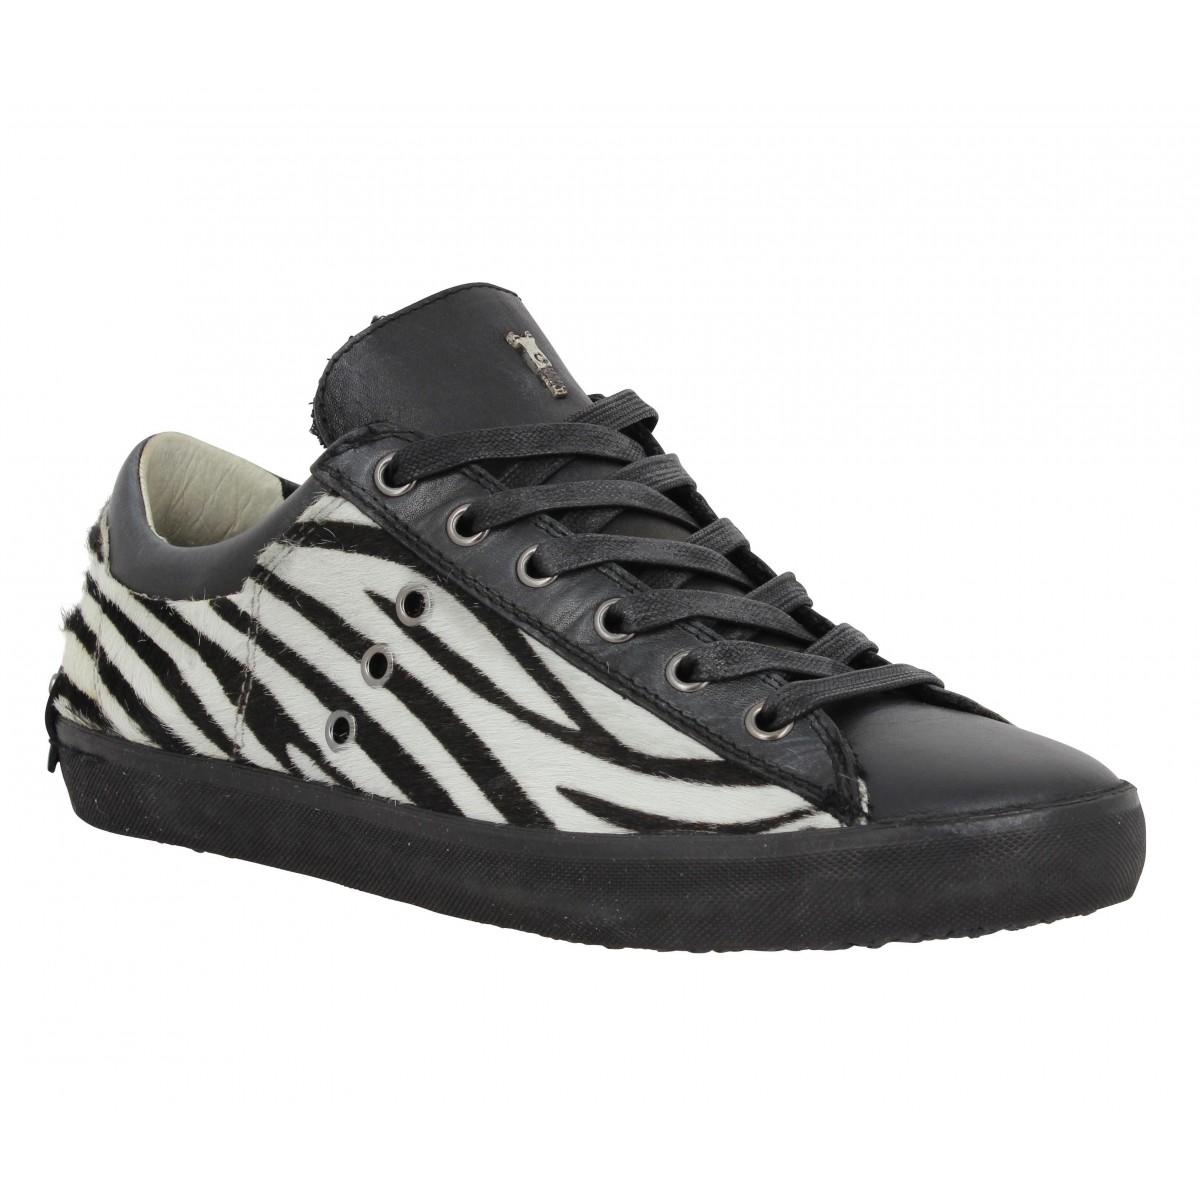 Baskets CRIME CR 2597 cuir + zebre Femme Noir + Blanc